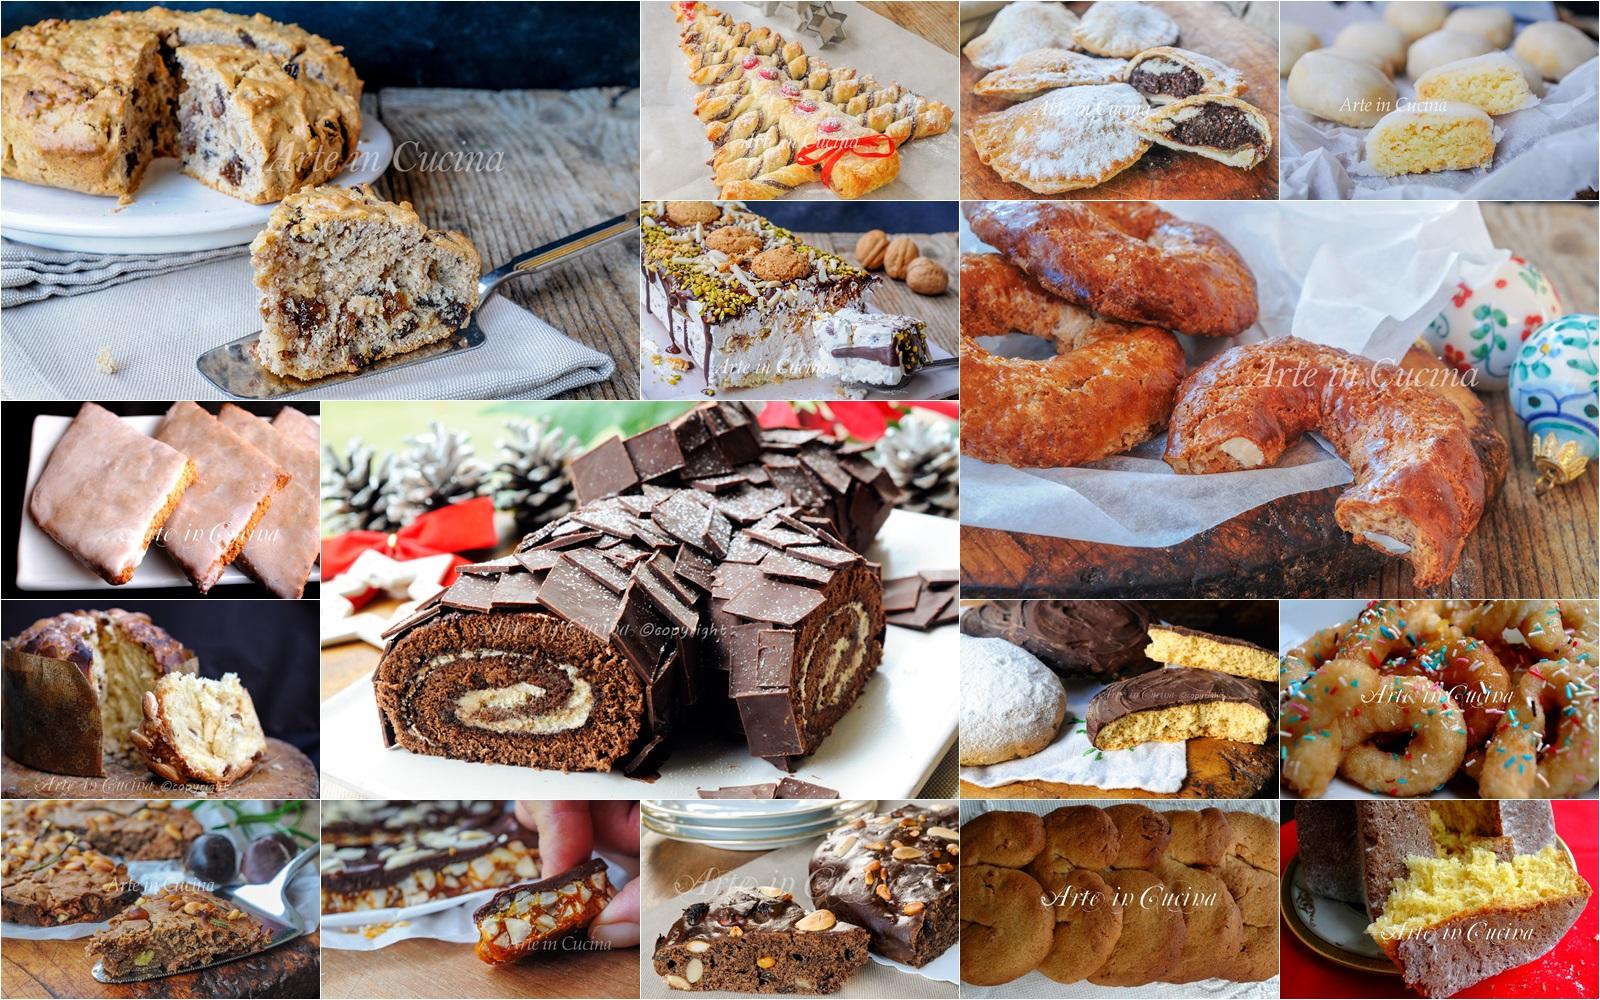 Dolci di natale veloci e facili ricette golose for Ricette di cucina italiana facili